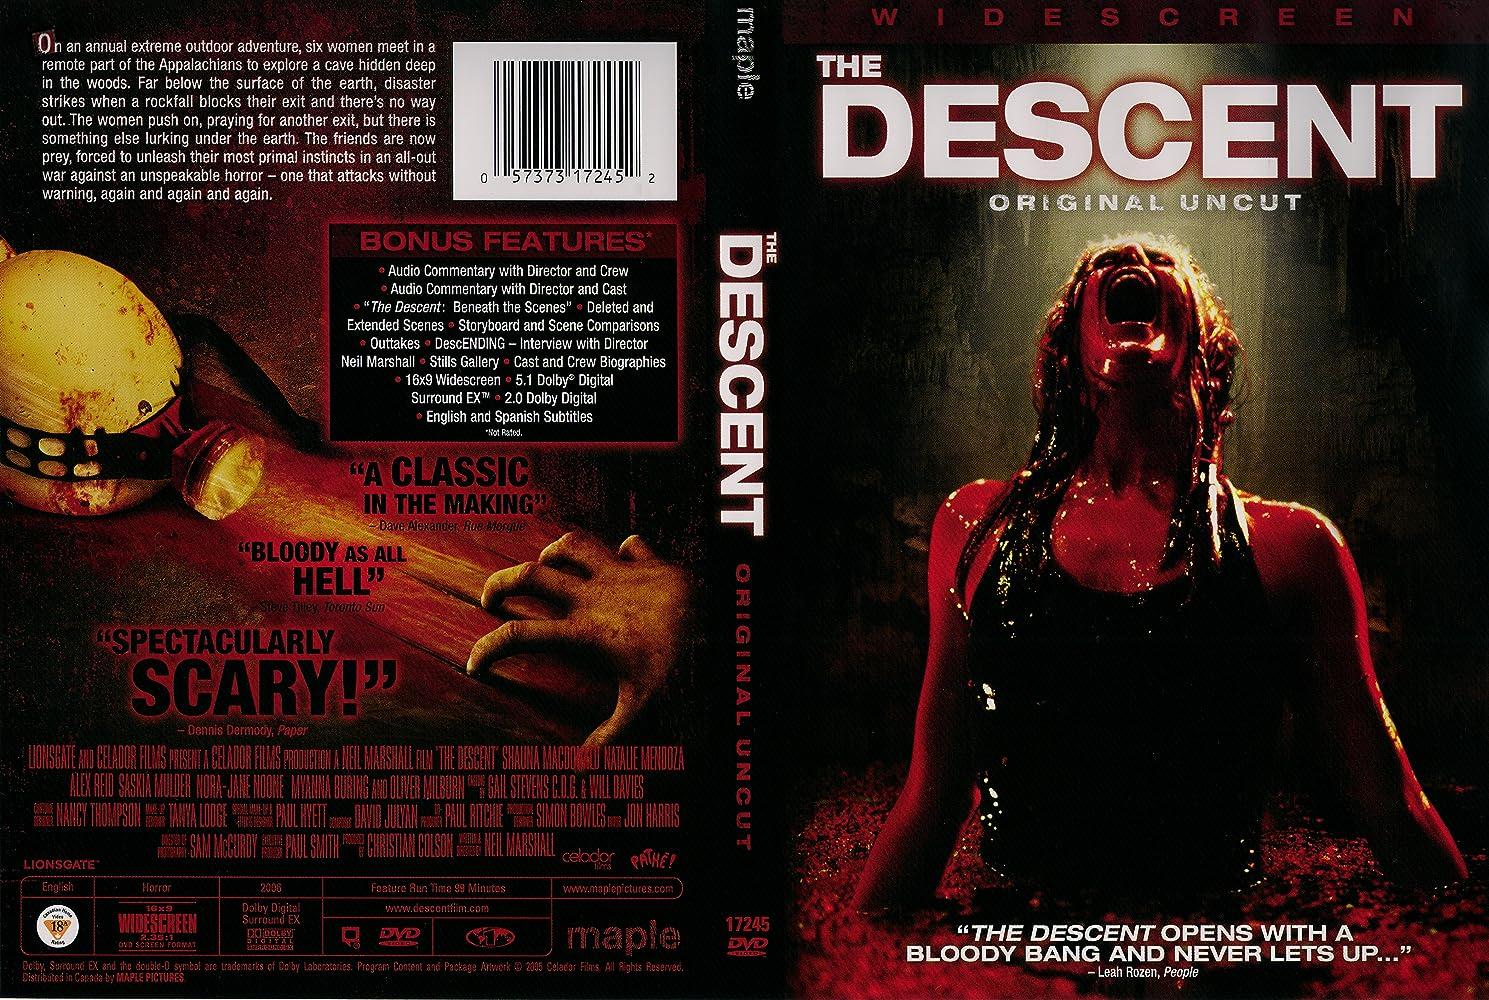 نتيجة بحث الصور عن The Descent (2005)